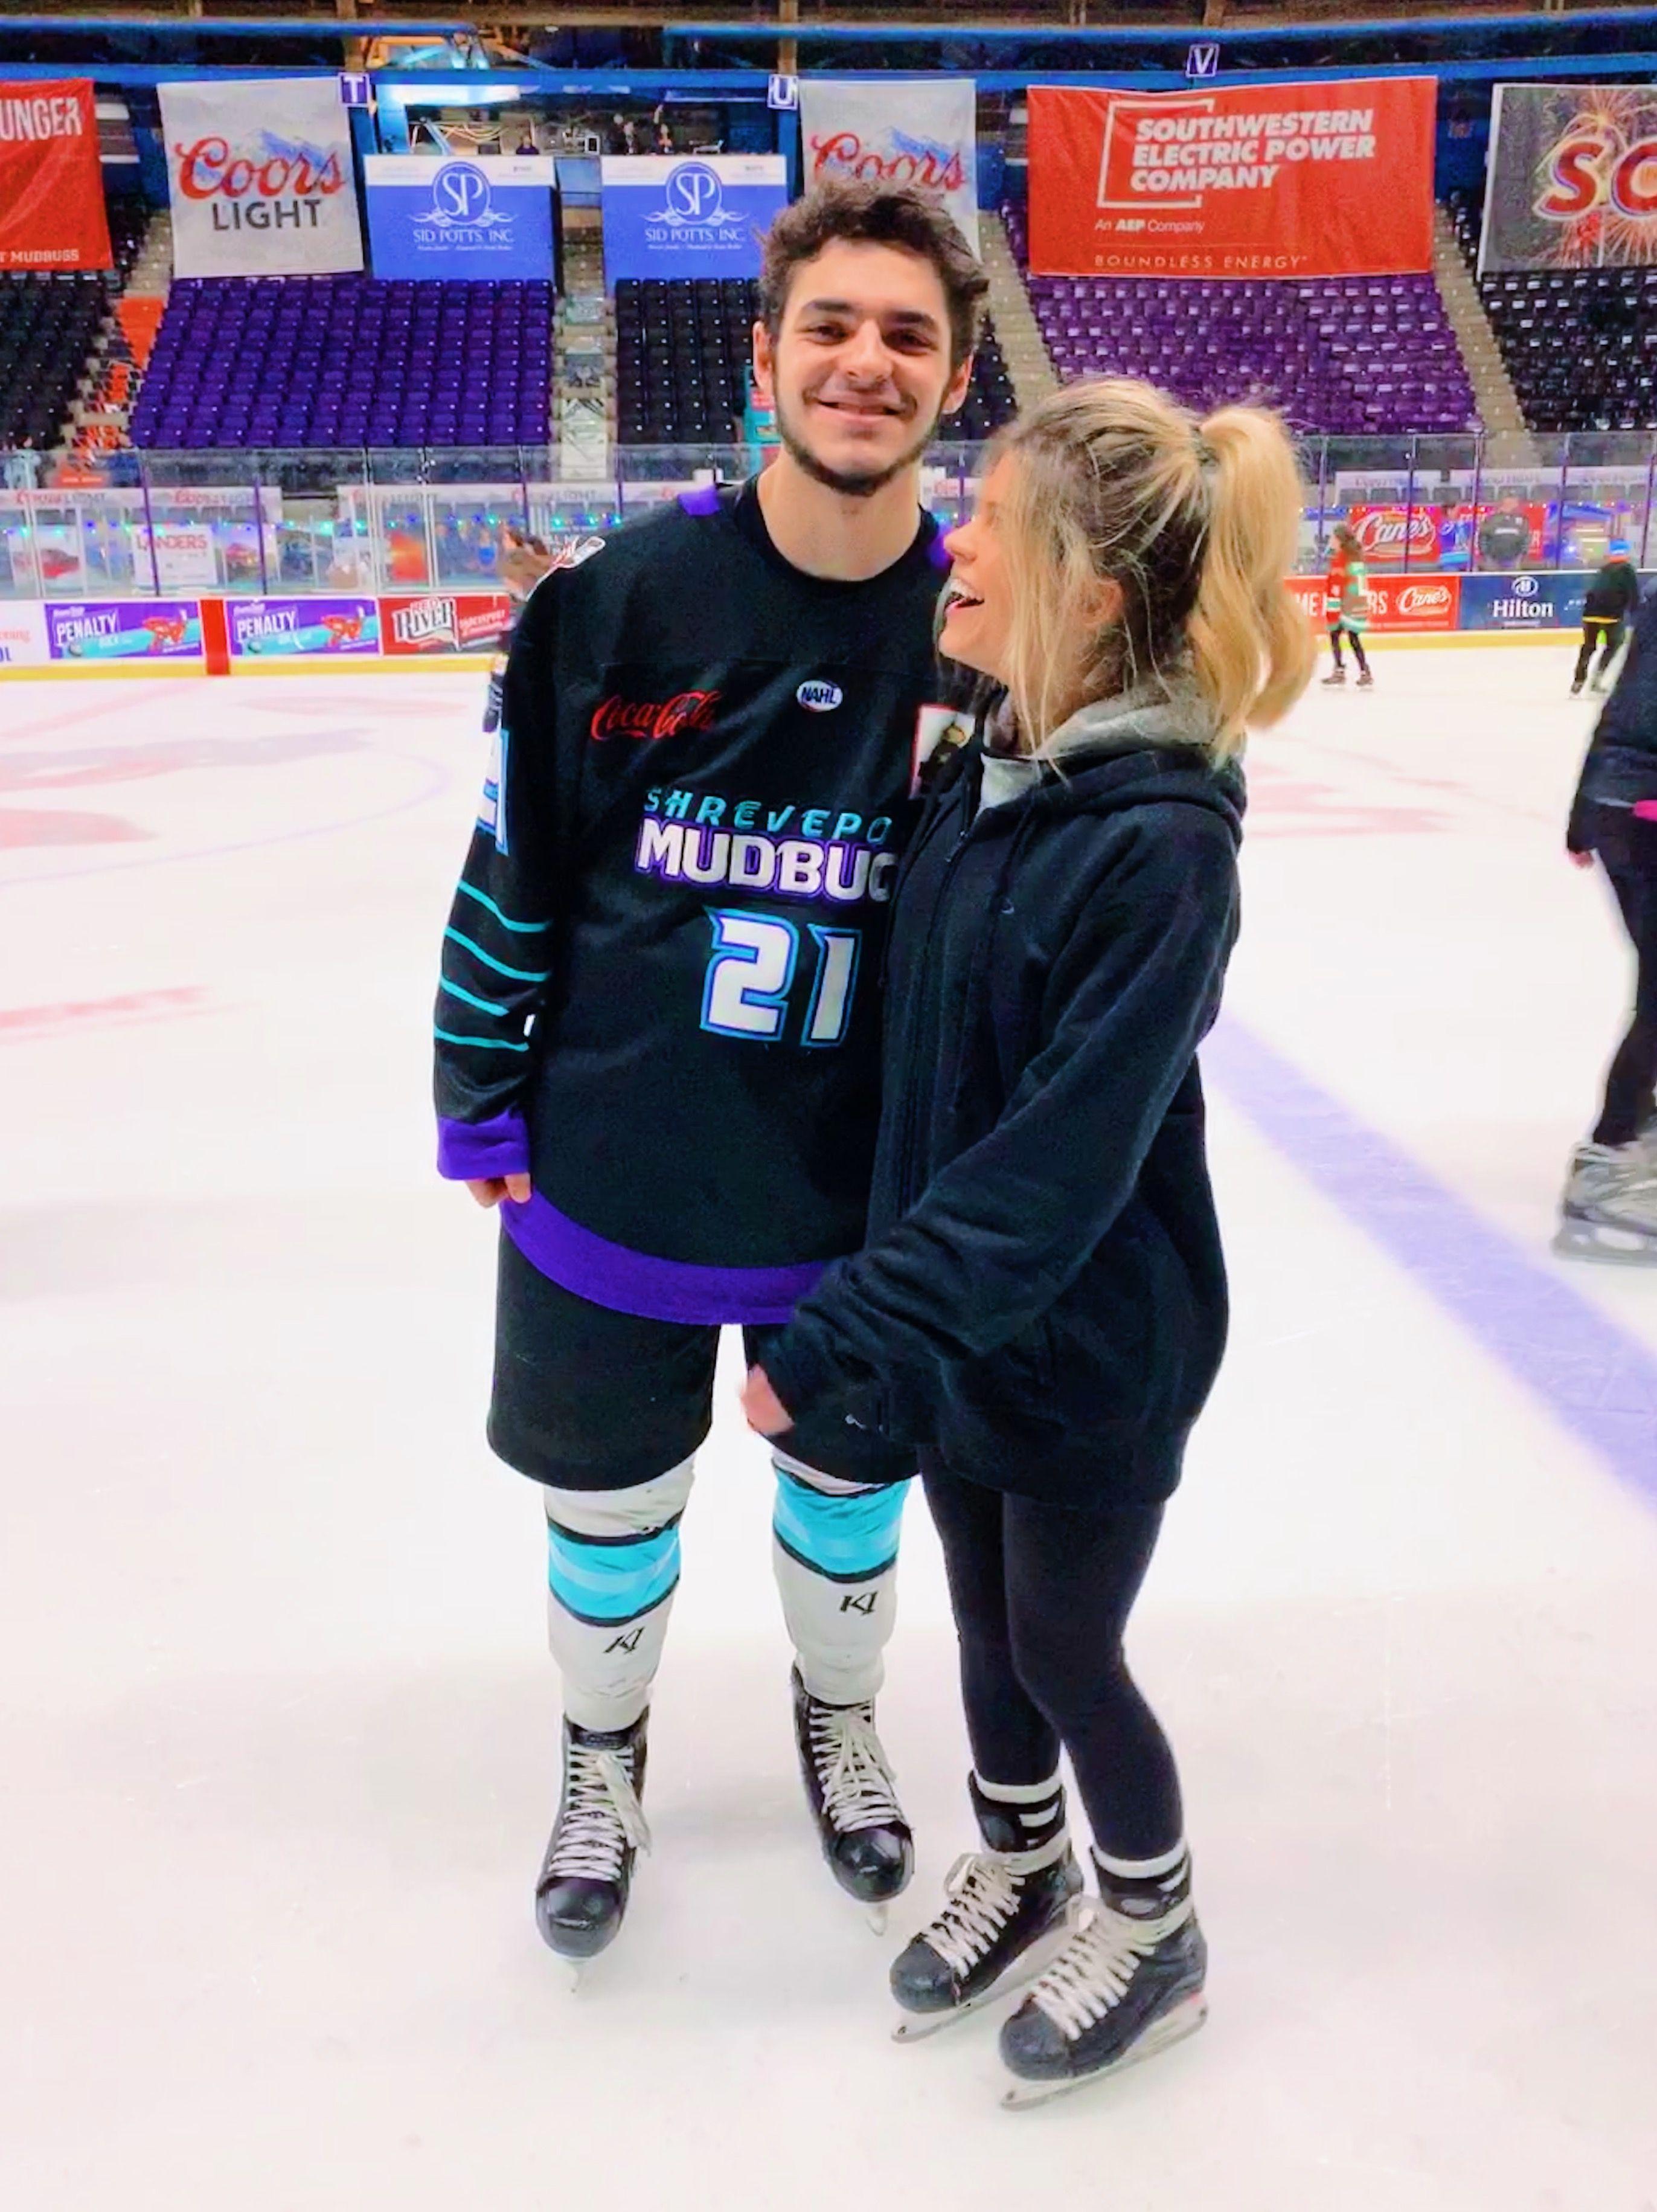 Hockey Boyfriend Boyfriend Couple Relationship Ice Skating Date Hockey Hockey Girlfriend Shreveport